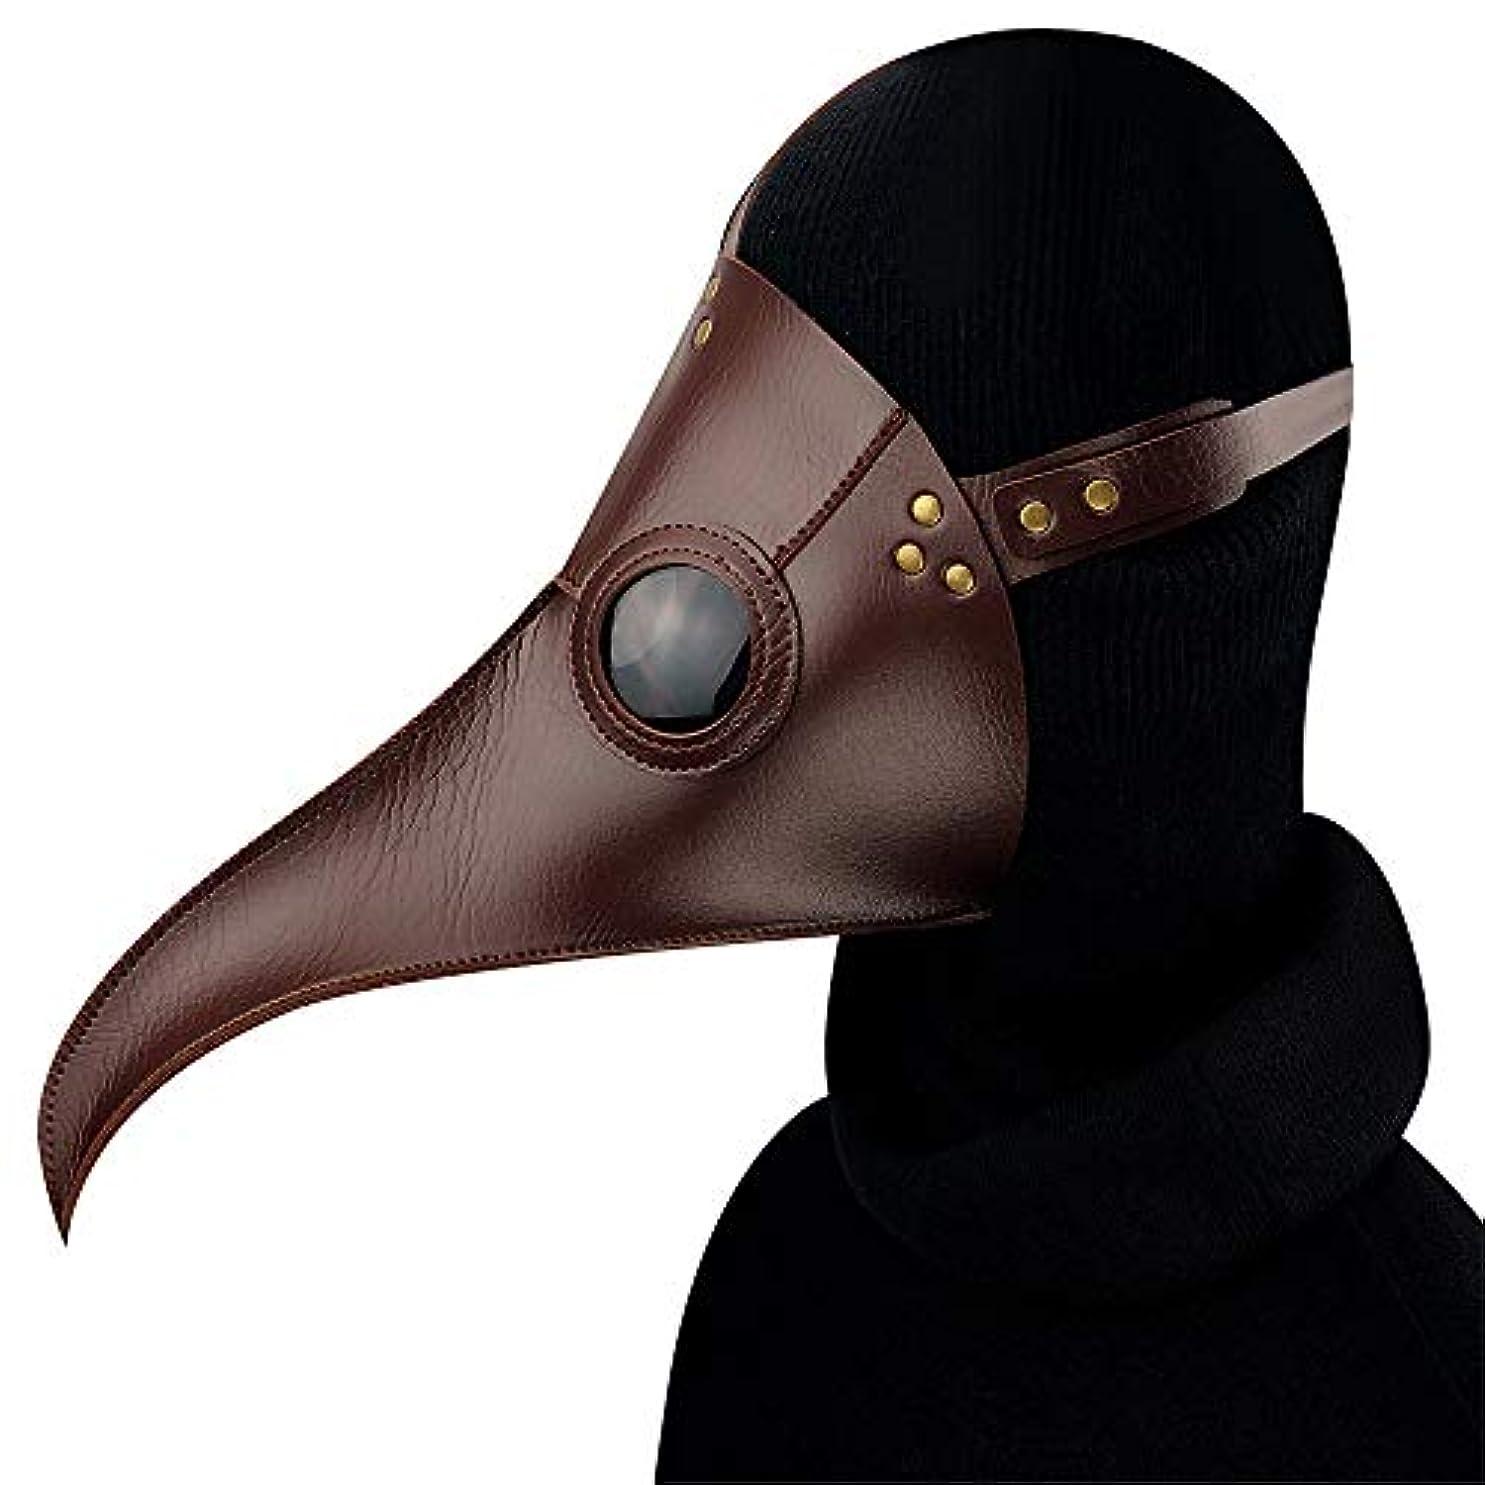 達成メイト工夫するブラウンスチームパンクペストロングバード口マスクハロウィンプロップギフトロング鼻バードマスク